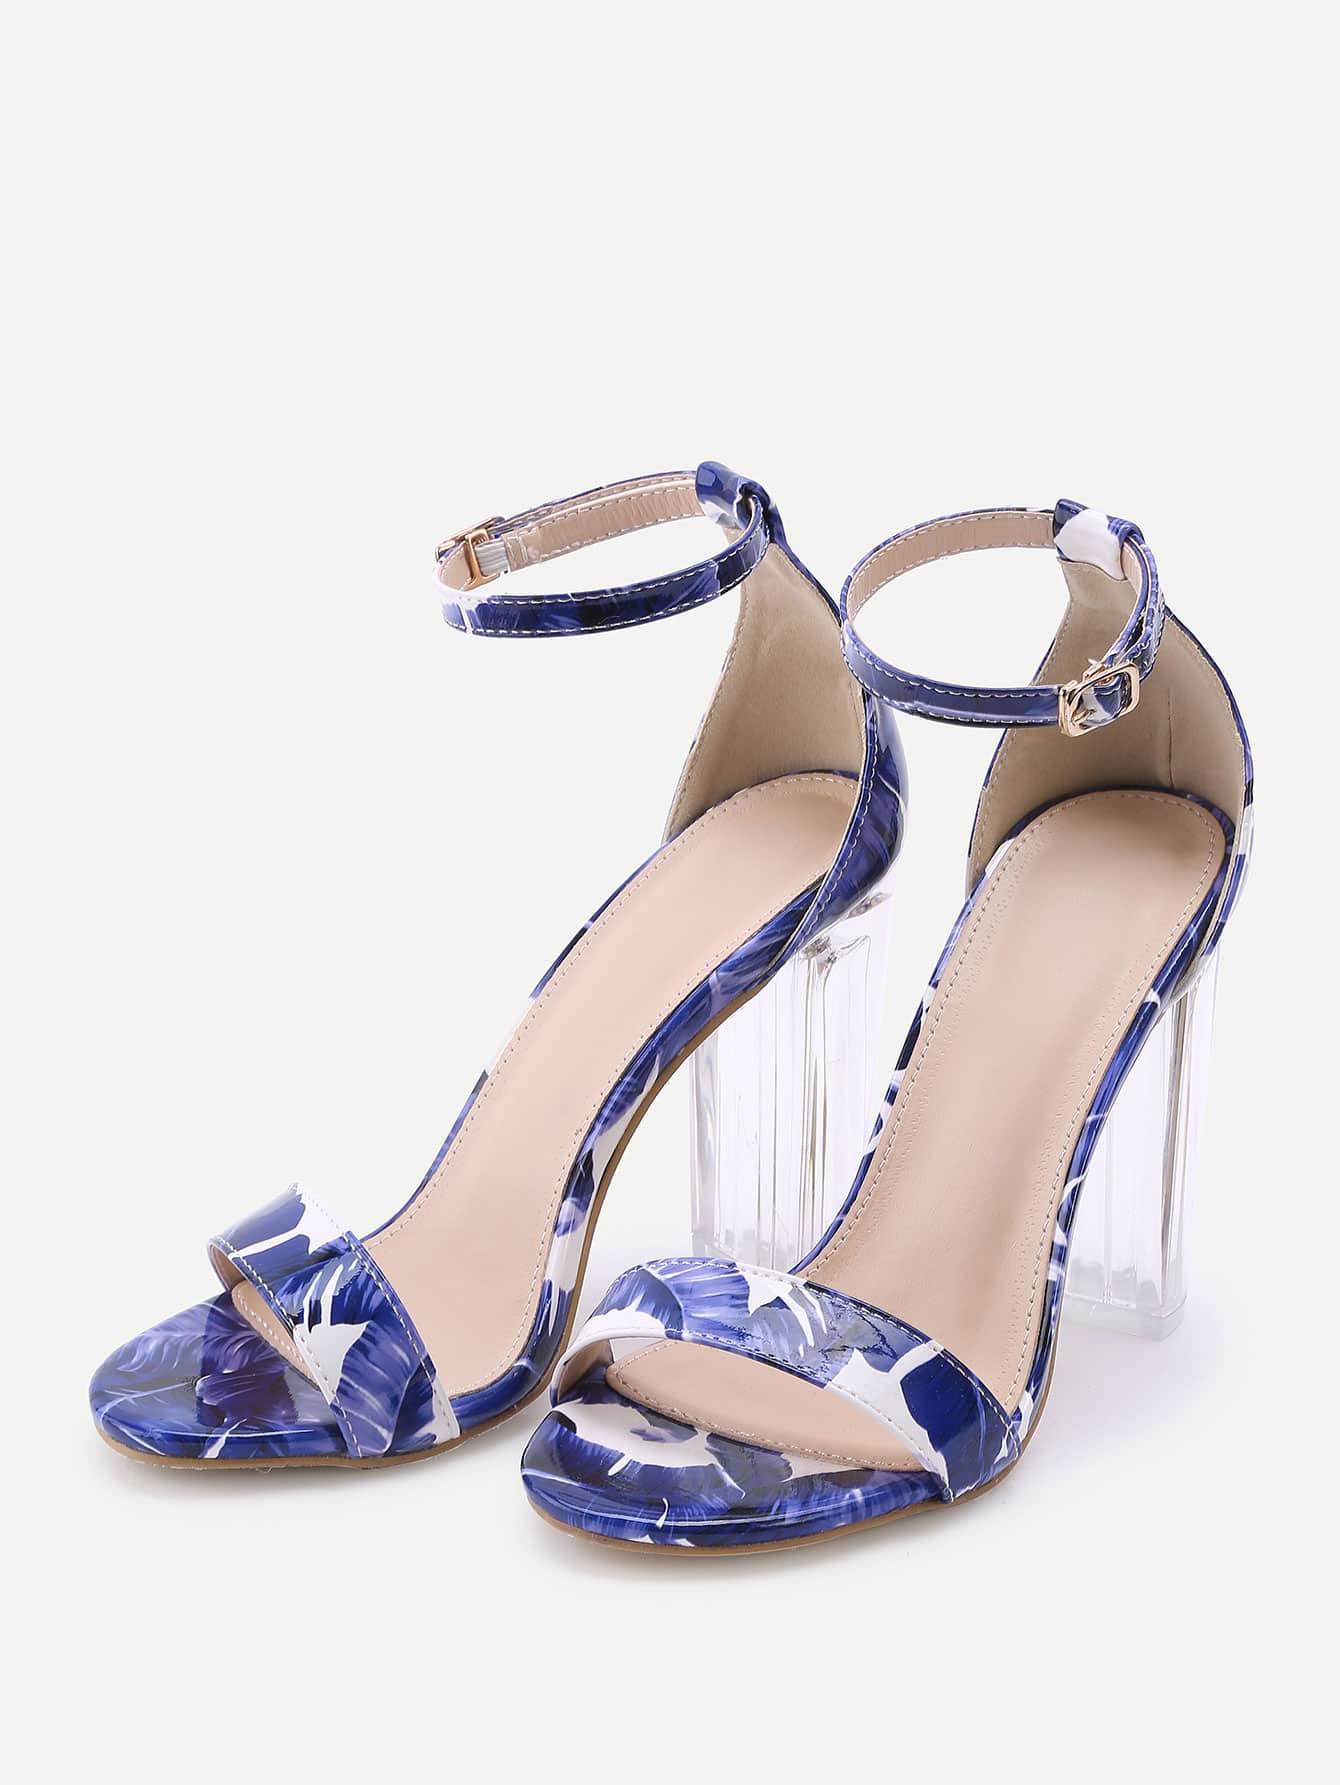 shoes170324802_2